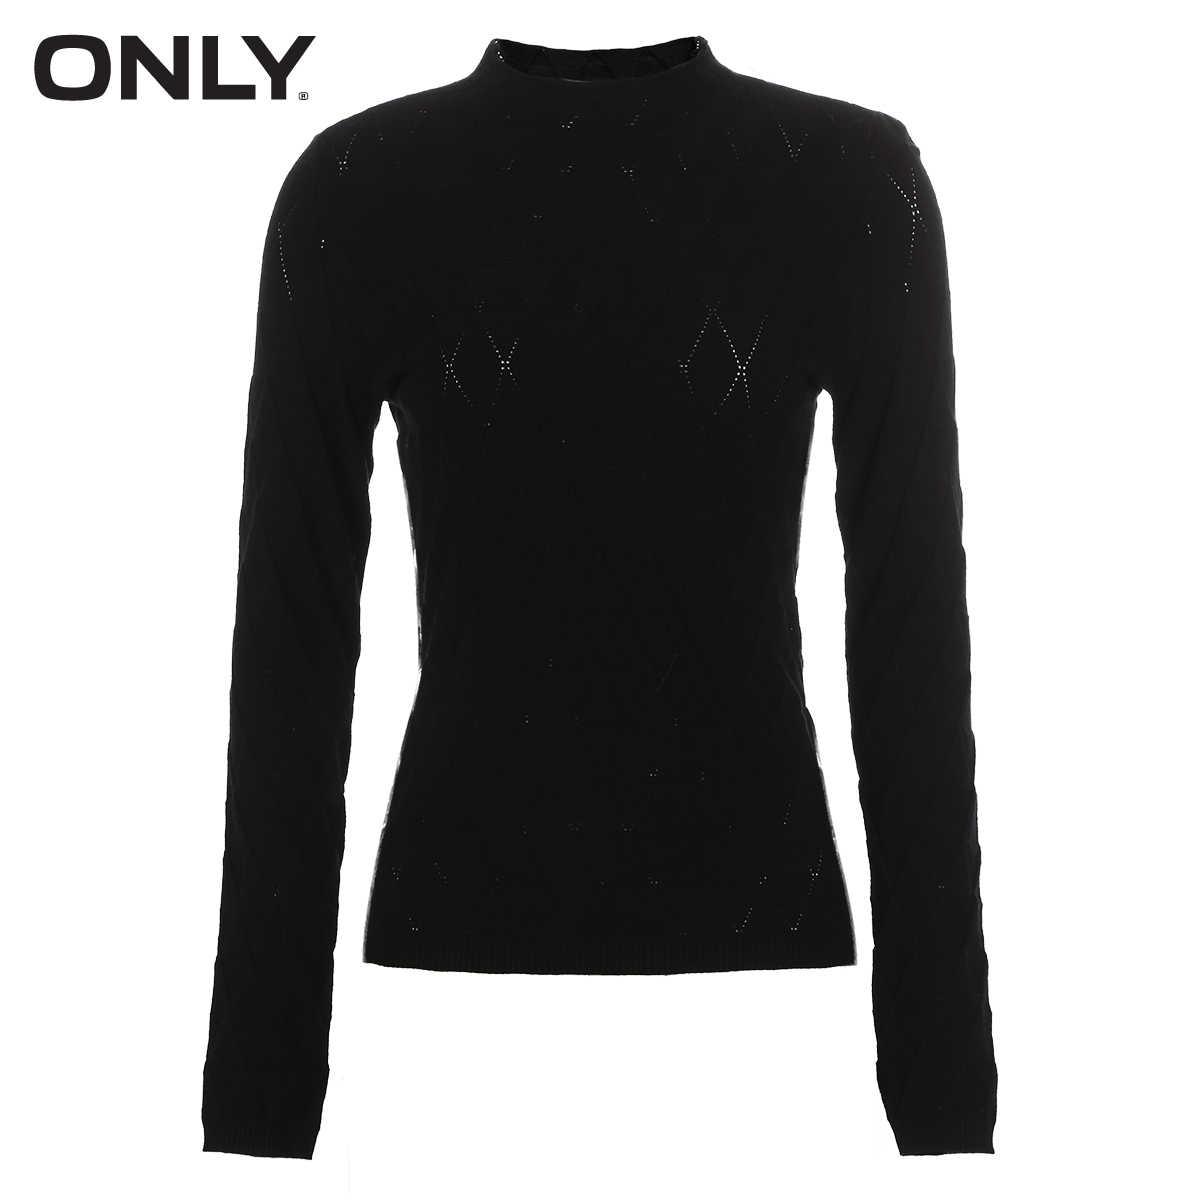 Только Осень Новый полувысокий воротник с длинными рукавами свитер тонкий | 118324538